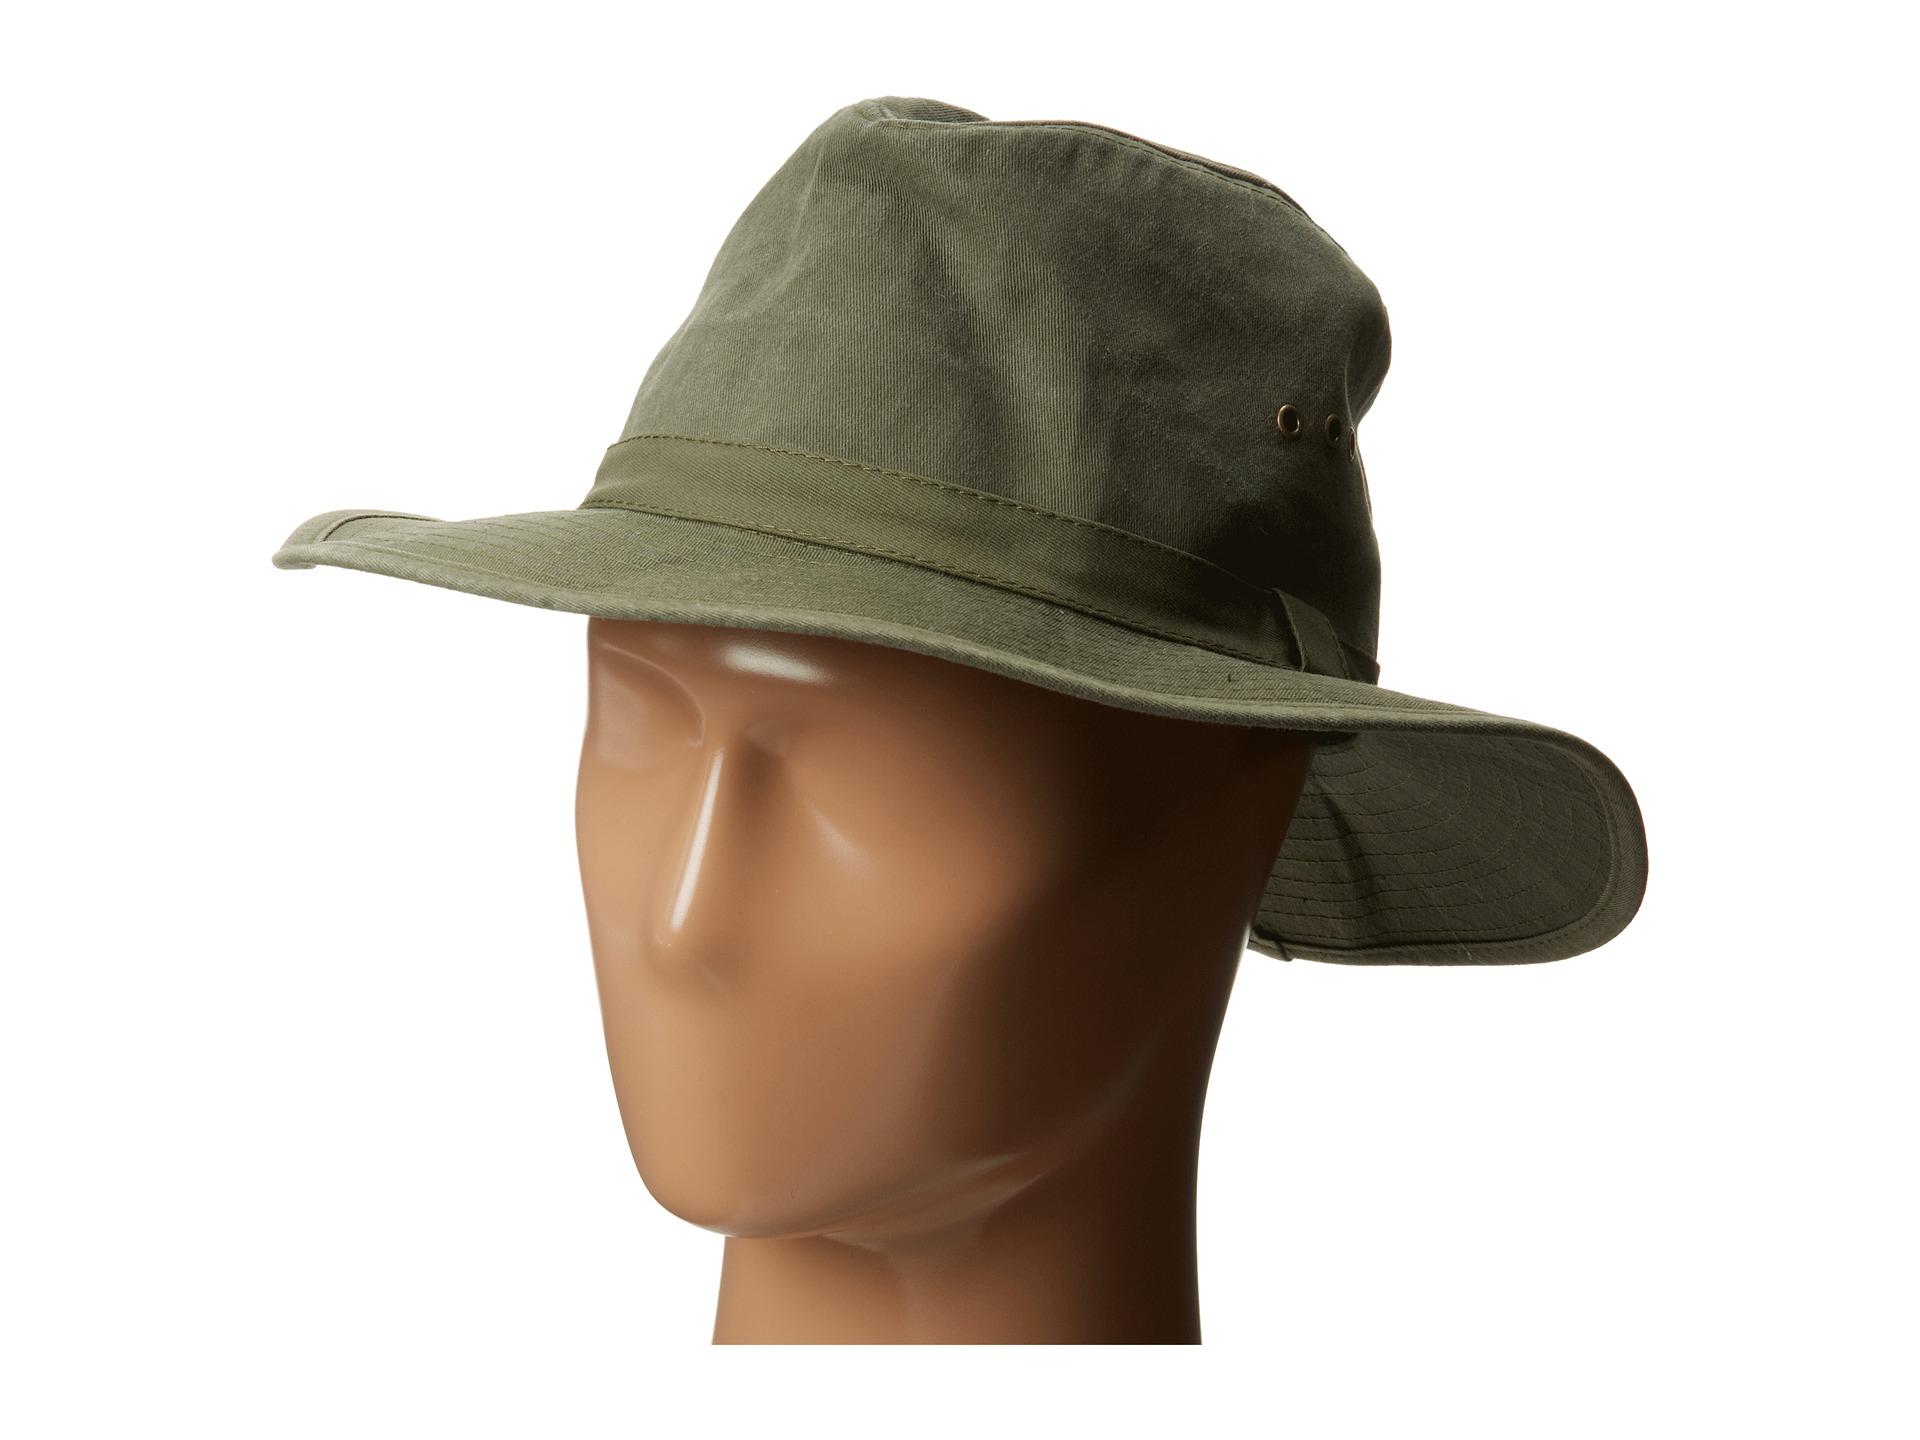 6e91e3bdd25 Lyst - San Diego Hat Company Cth3732 3